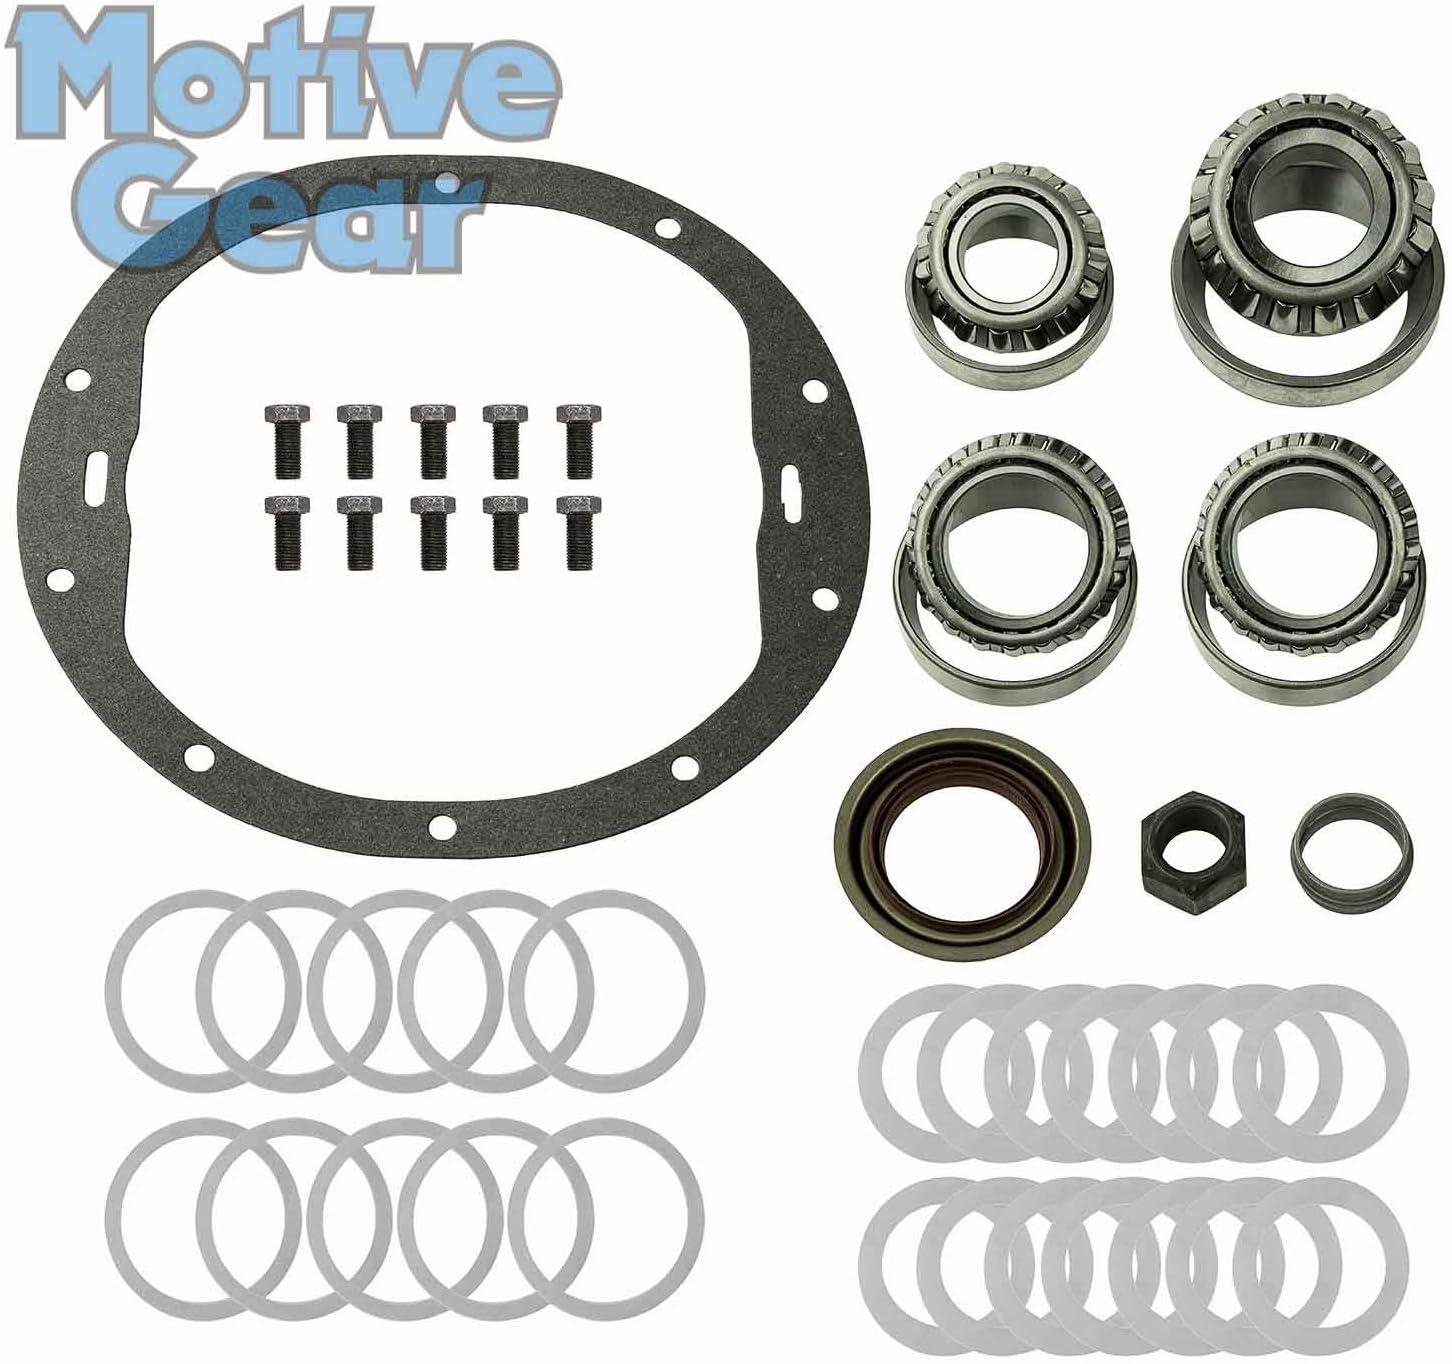 MK GM 8.6 2009 /& ON Motive Gear R10RLAMK Light Duty Koyo Bearing Kit